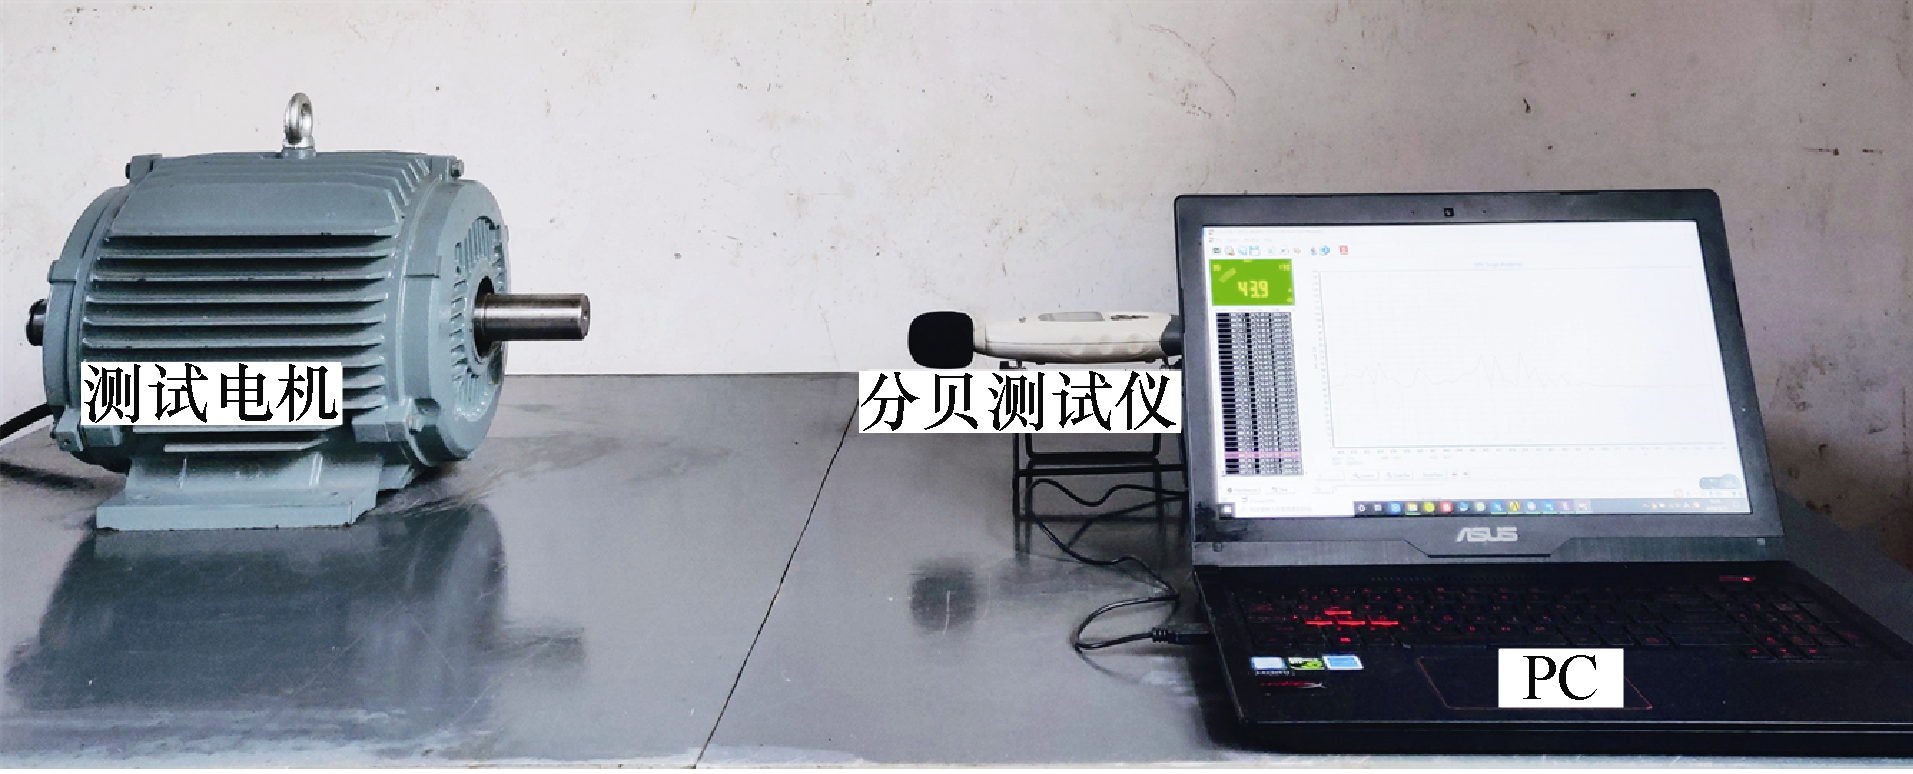 湖南科技大学科研团队在降低交流牵引电机电磁噪声方面取得新进展